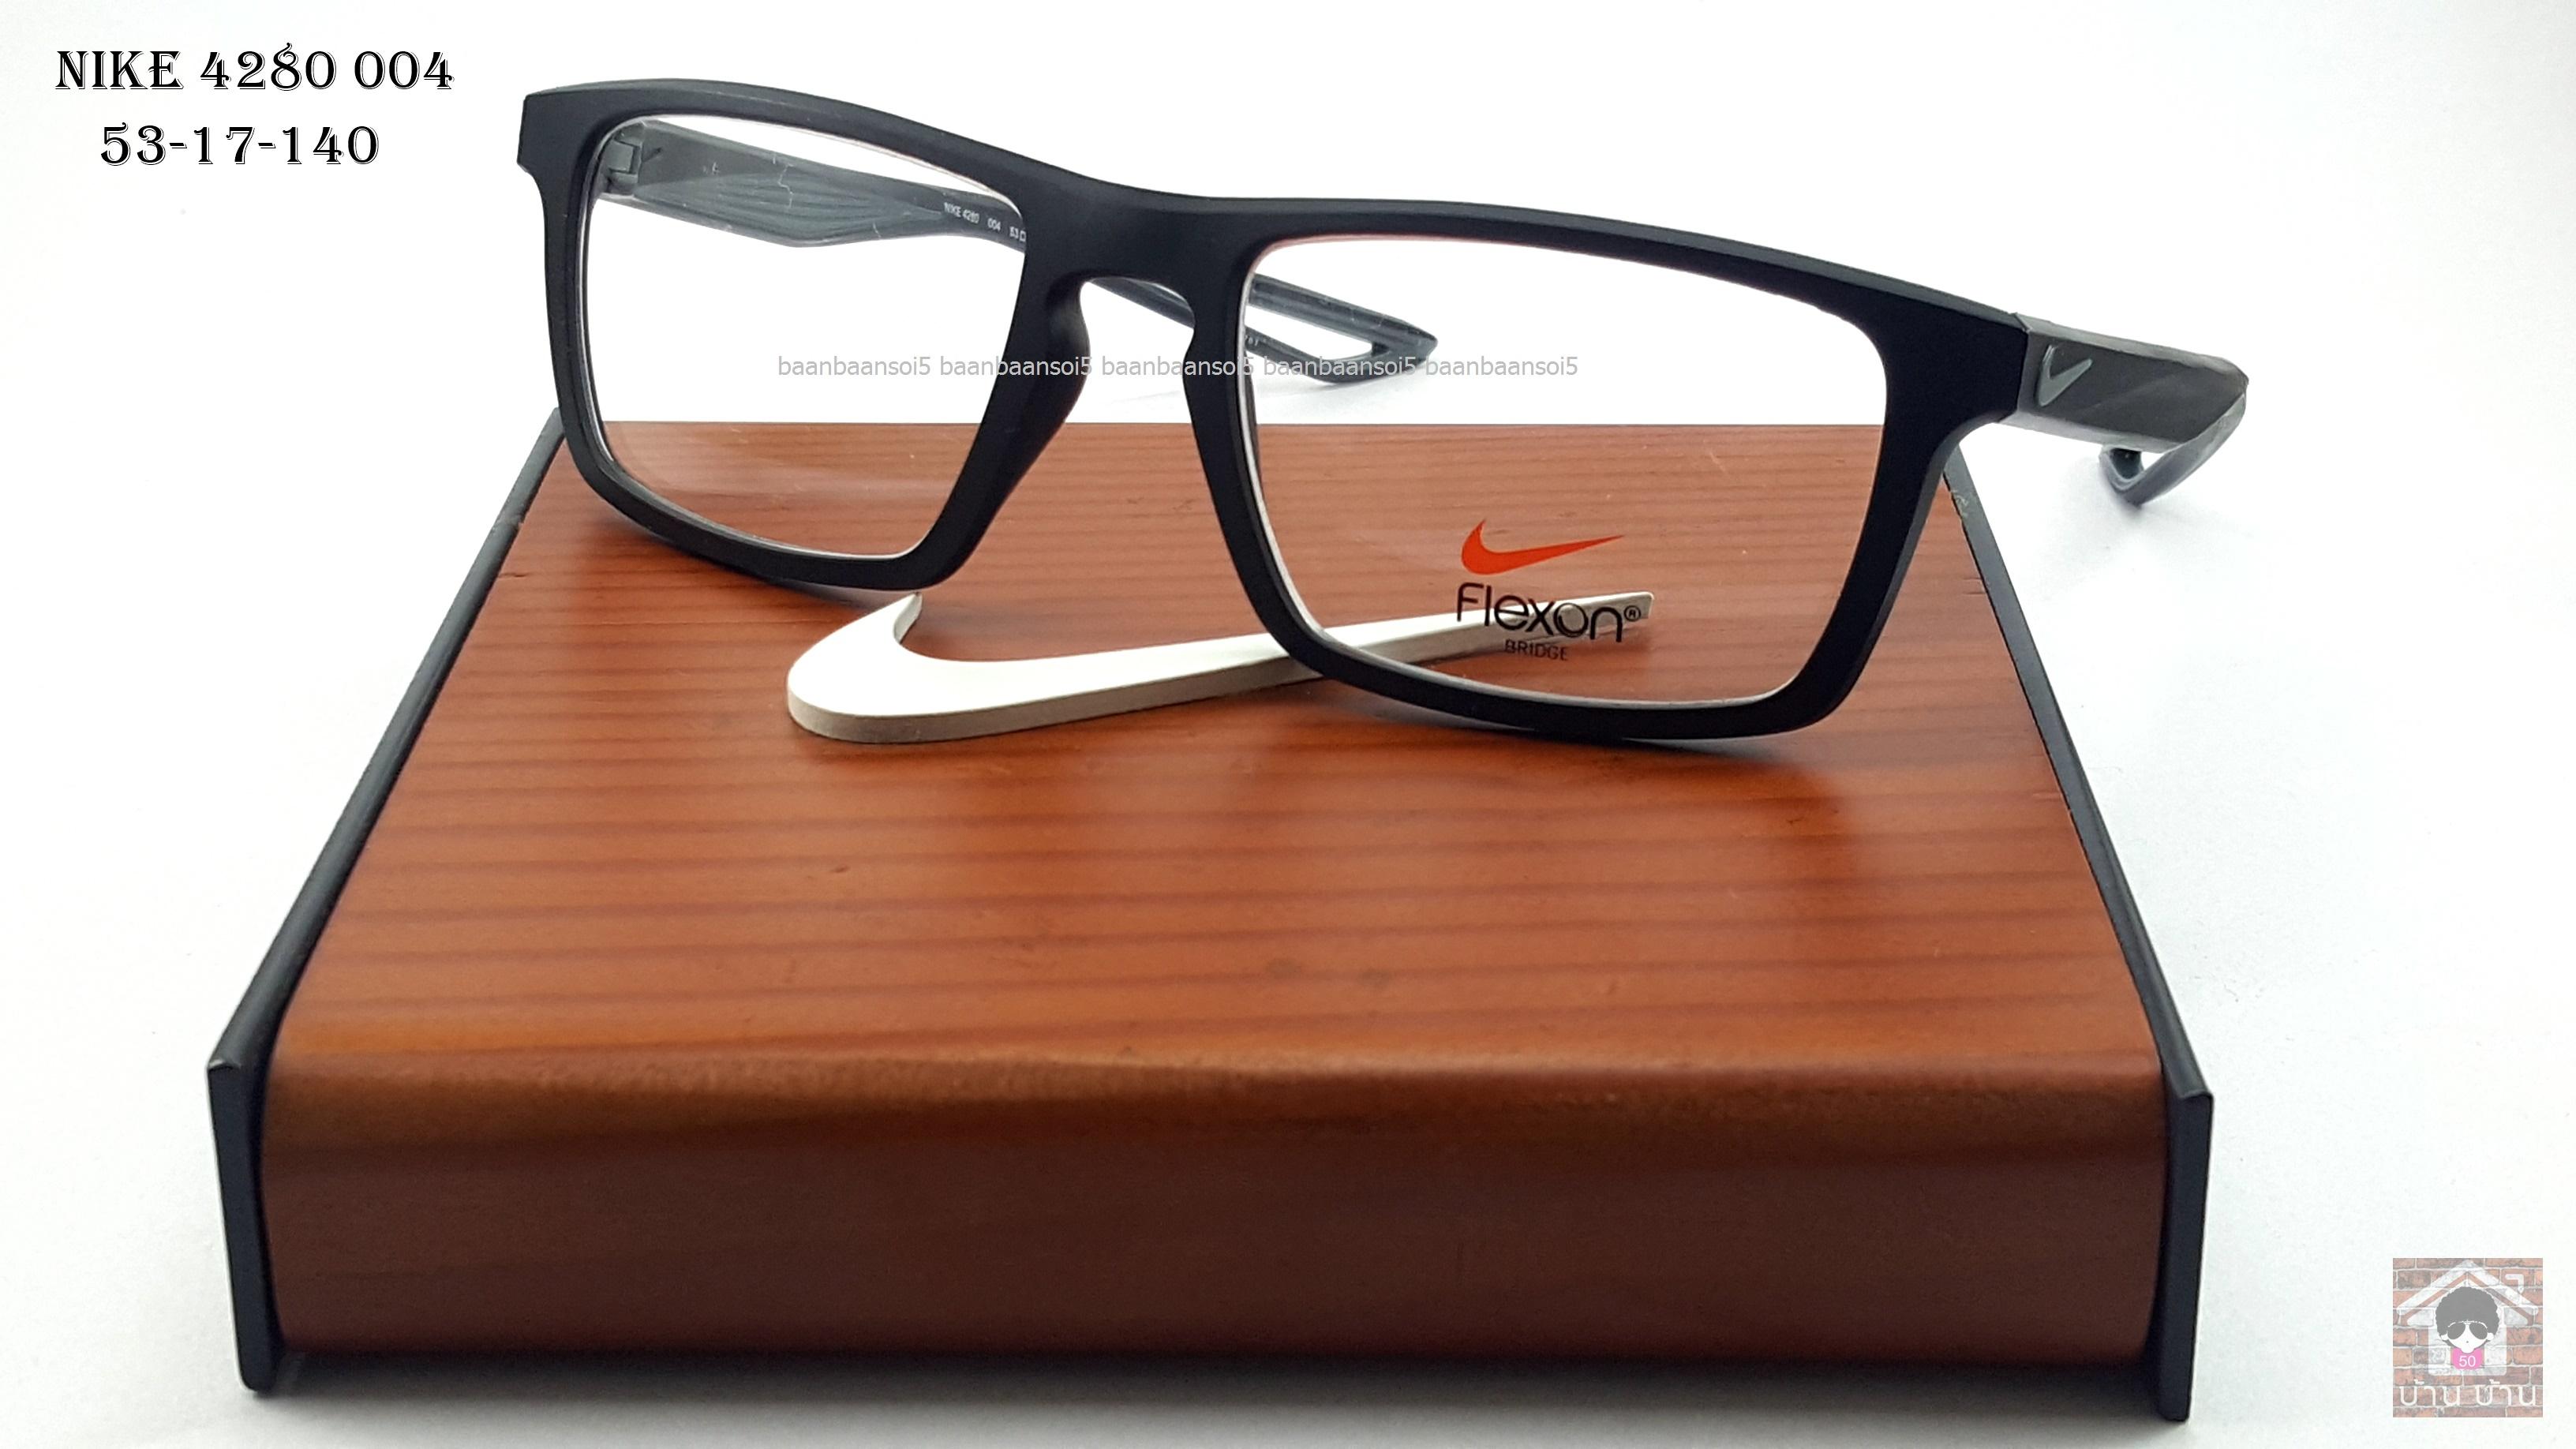 NIKE BRAND ORIGINALแท้ Flexon 4280 004 กรอบแว่นตาพร้อมเลนส์ มัลติโค๊ตHOYA ป้องกันรังสีคอม 5,200 บาท